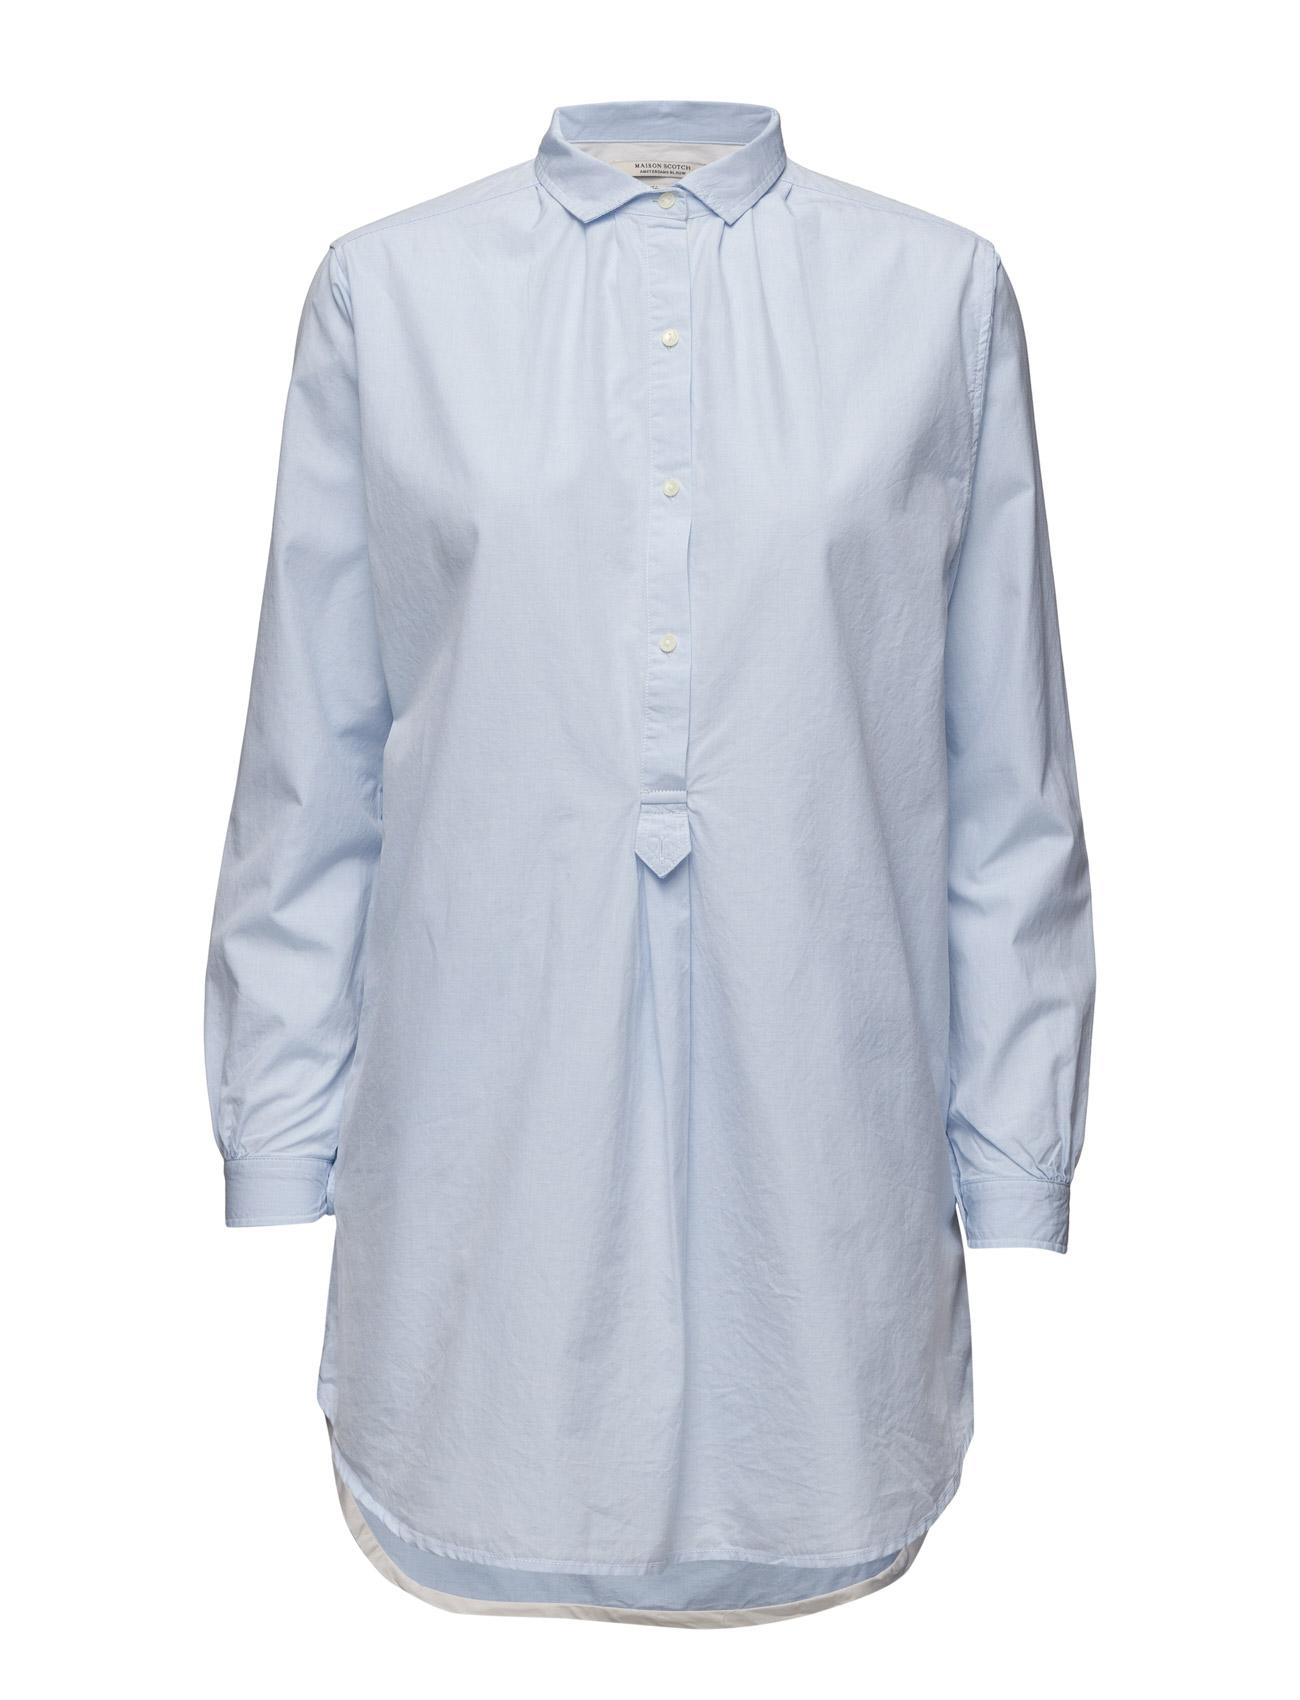 Home Alone Shirt-Dress With Vintage Inspired Detailing Maison Scotch Langærmede til Kvinder i